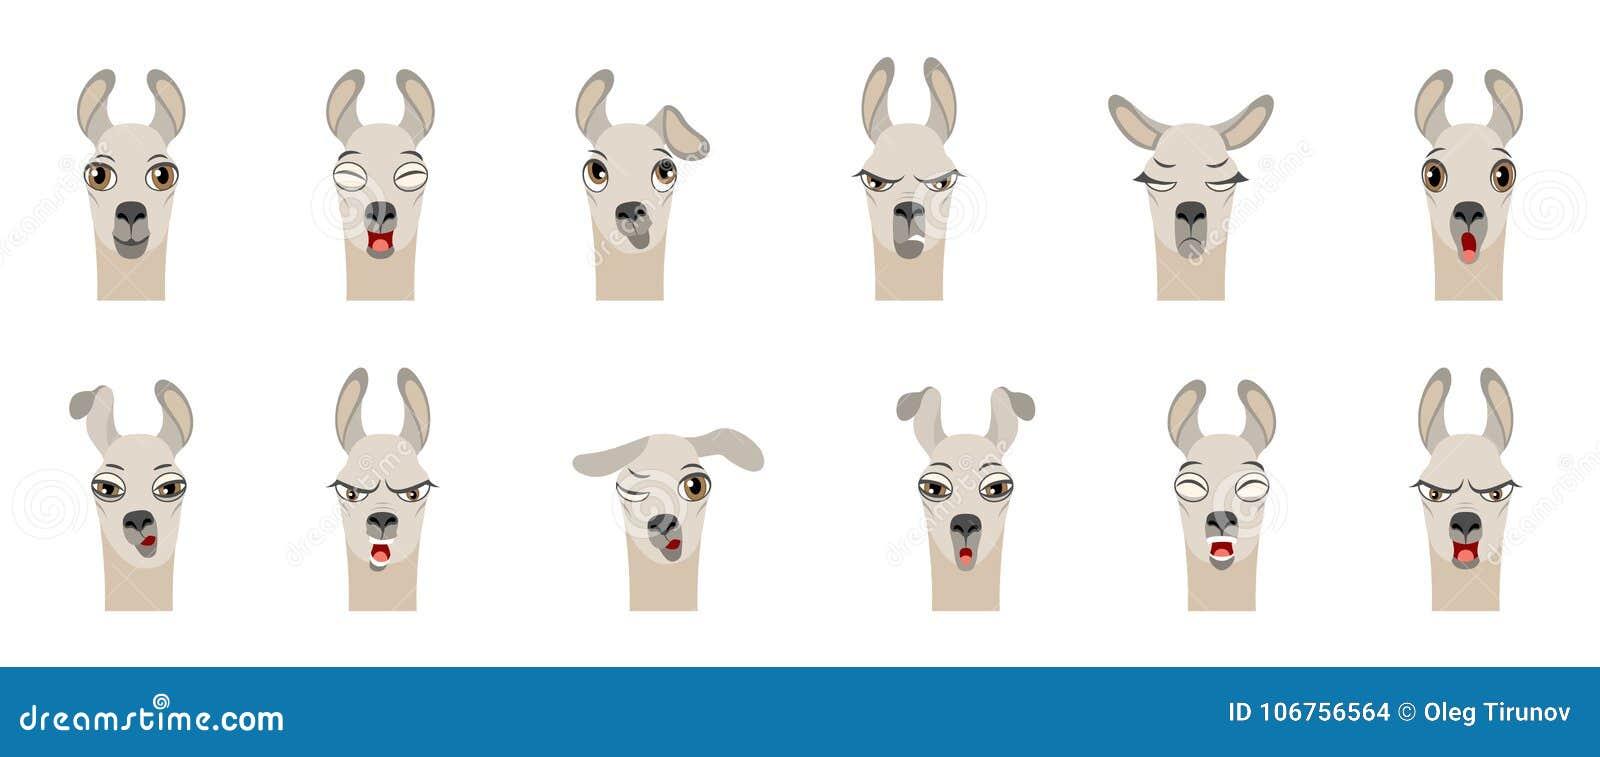 Cabeças da Lama com emoções diferentes - sorrindo, tristes, raiva, agressão, sonolência, fadiga, malícia, surpresa, medo